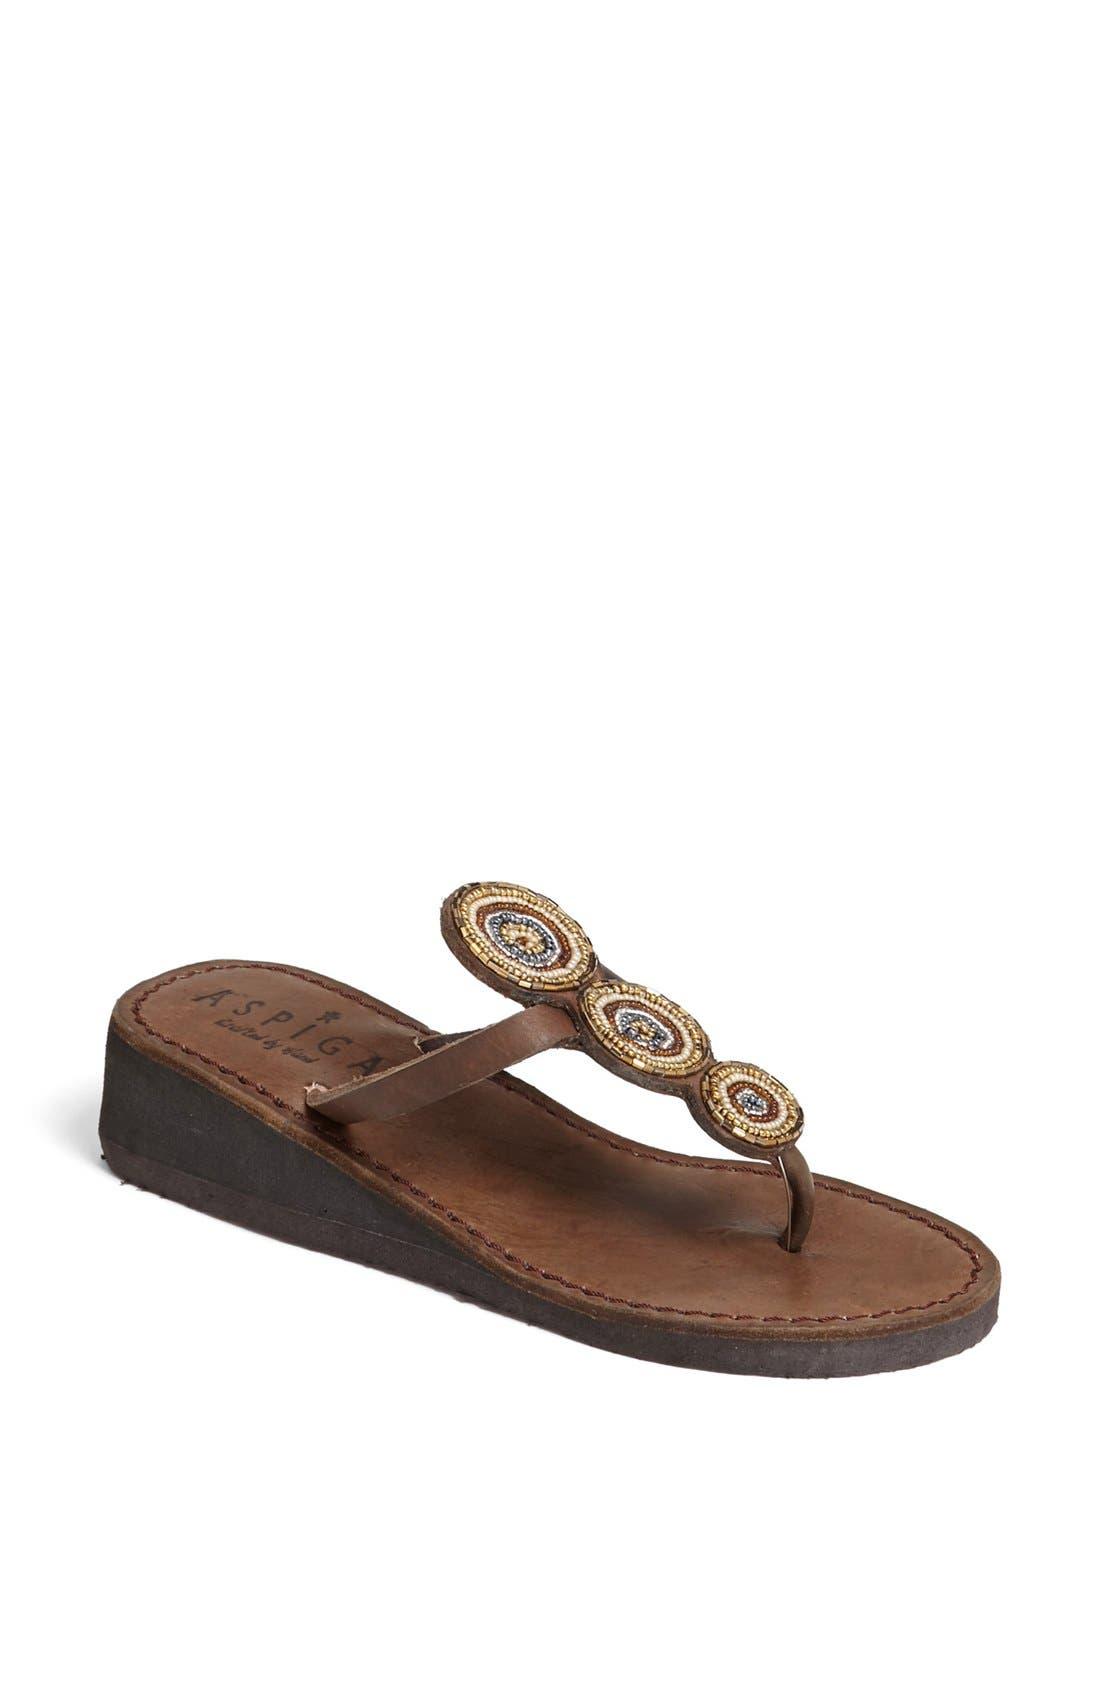 Main Image - Aspiga 'Neema' Sandal